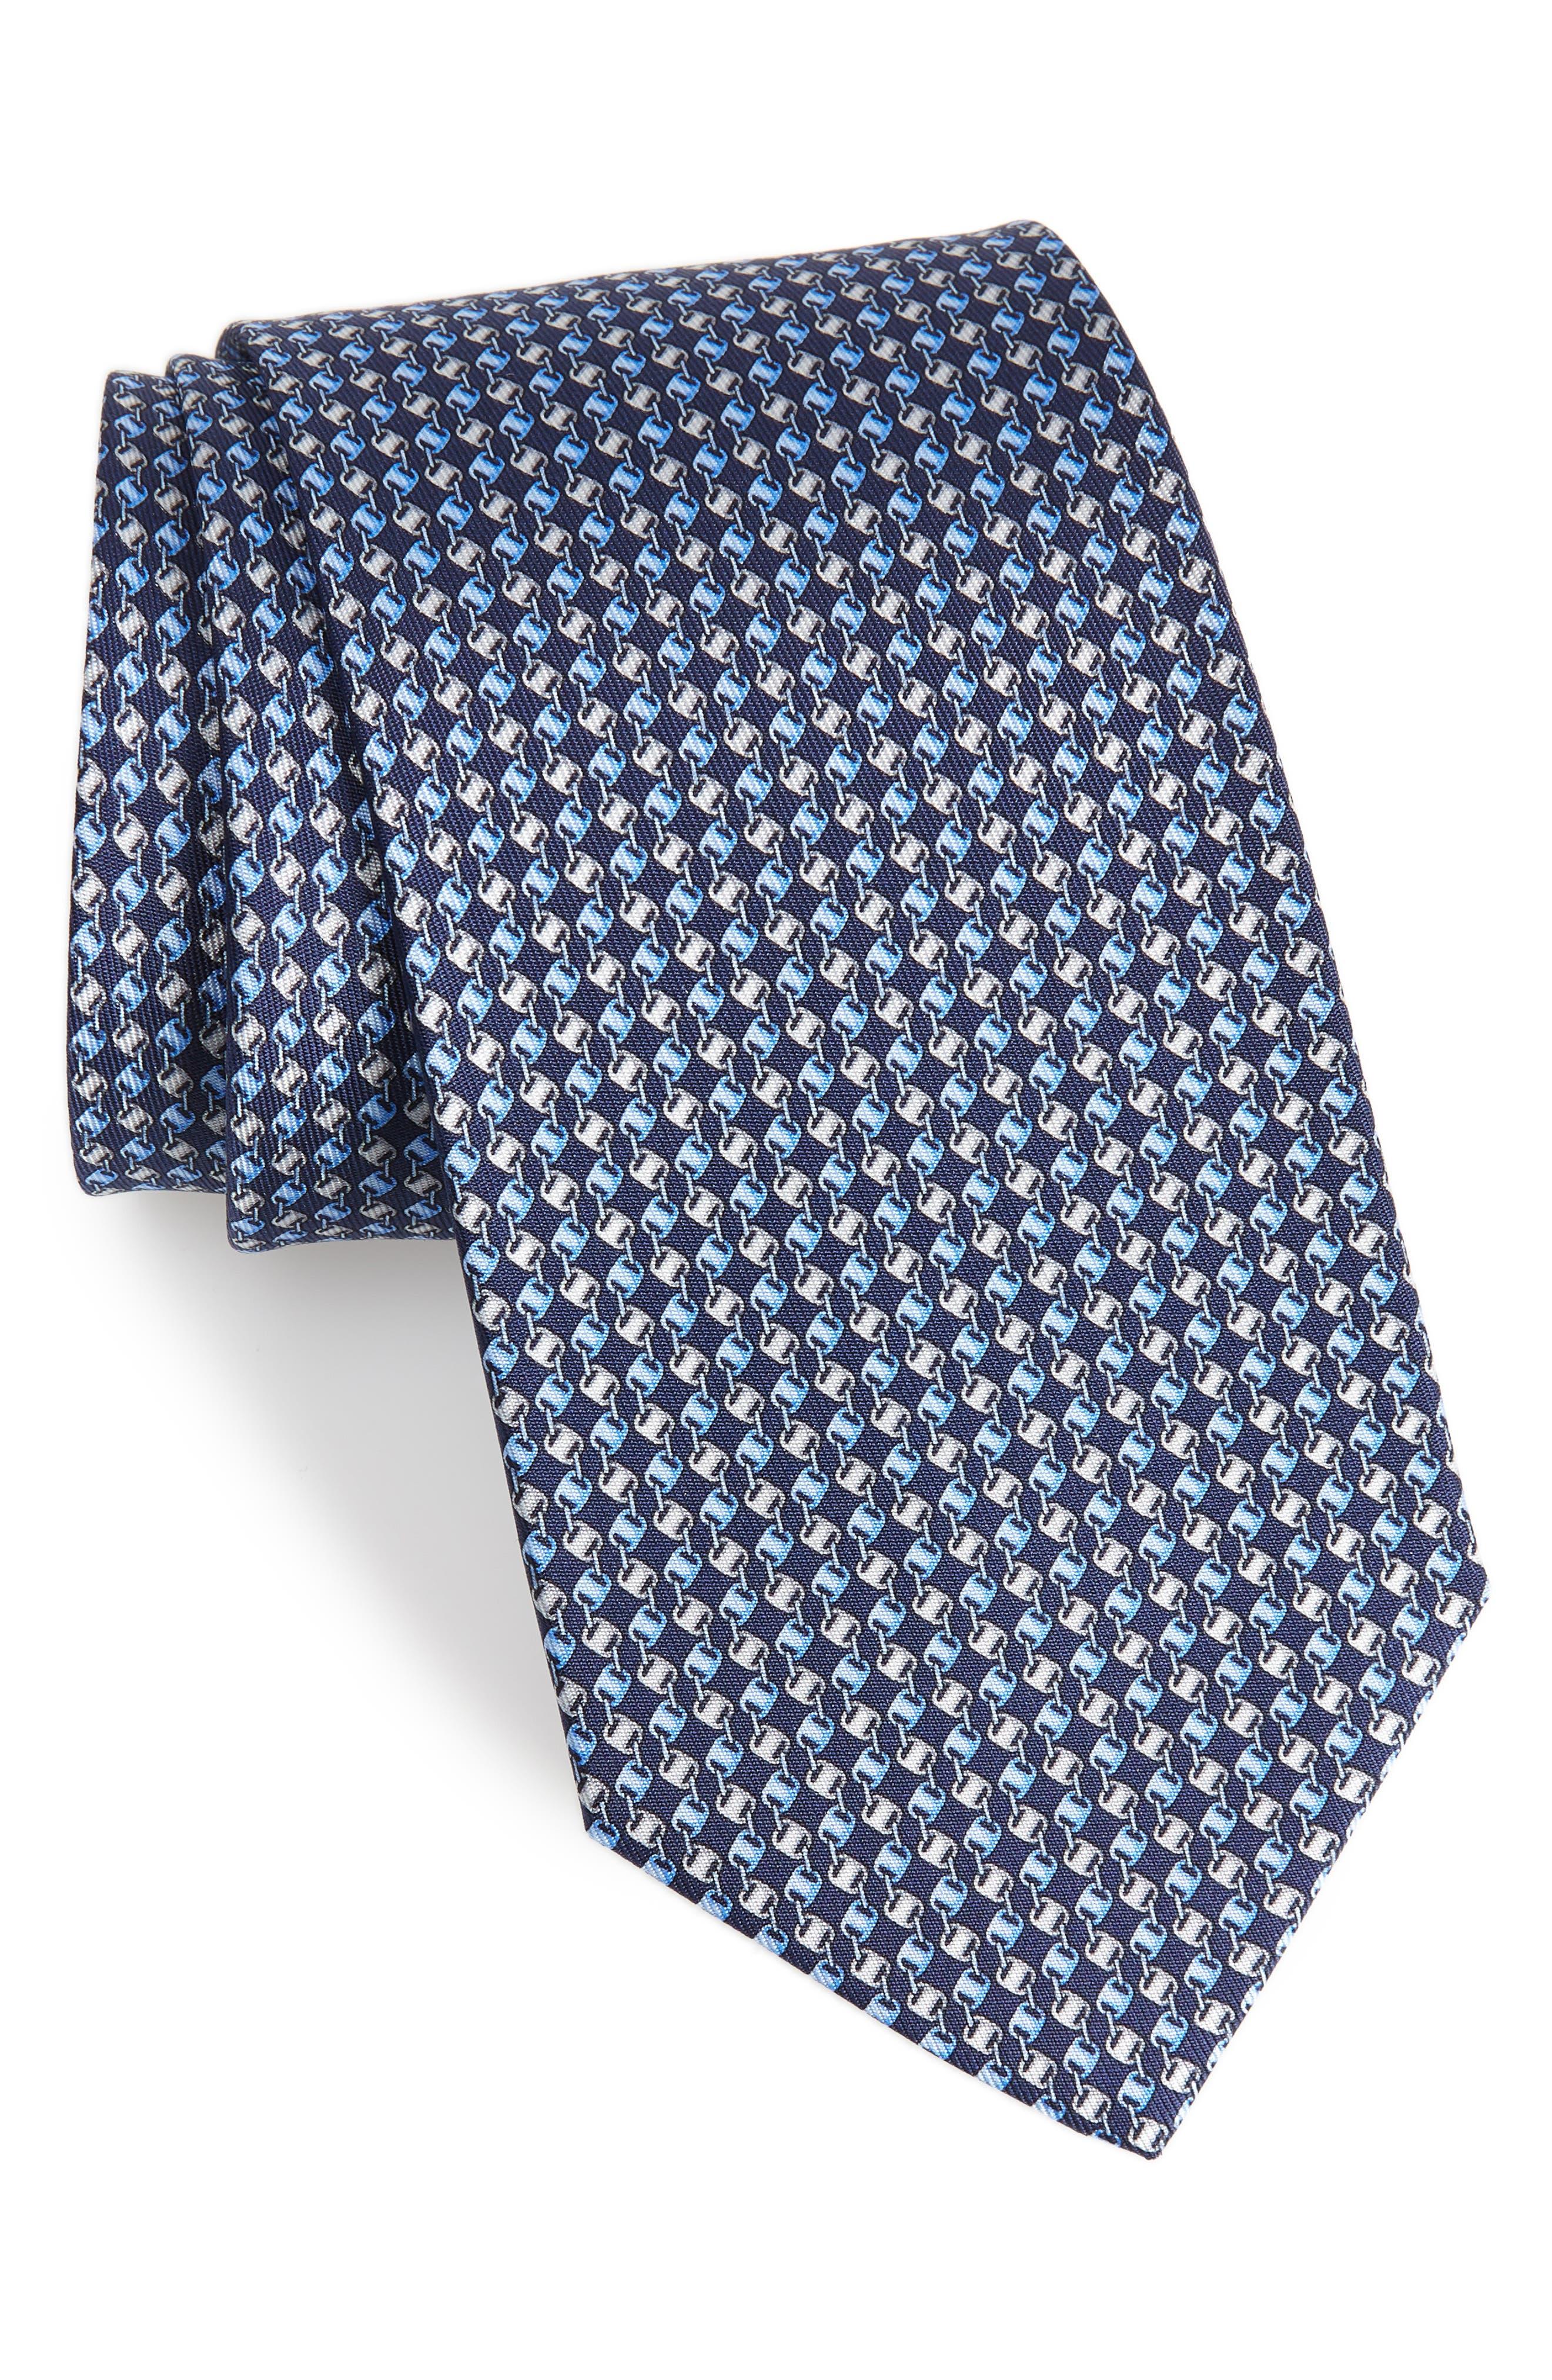 Oara Print Silk Tie,                         Main,                         color, 491